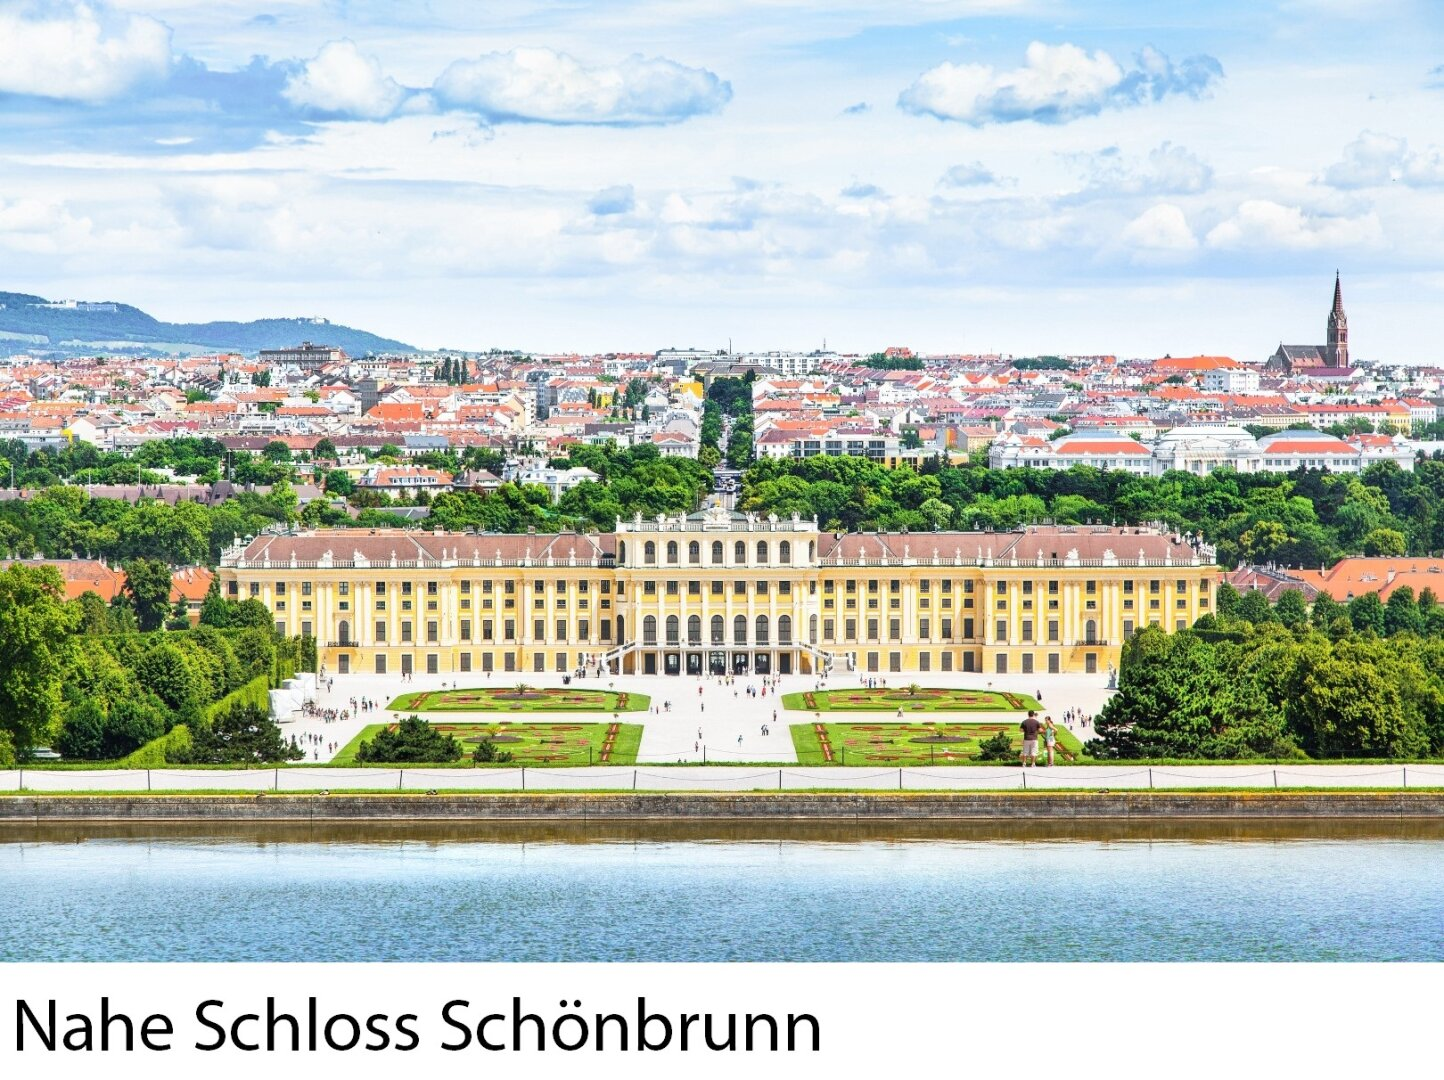 Nahe Schloss Schönbrunn